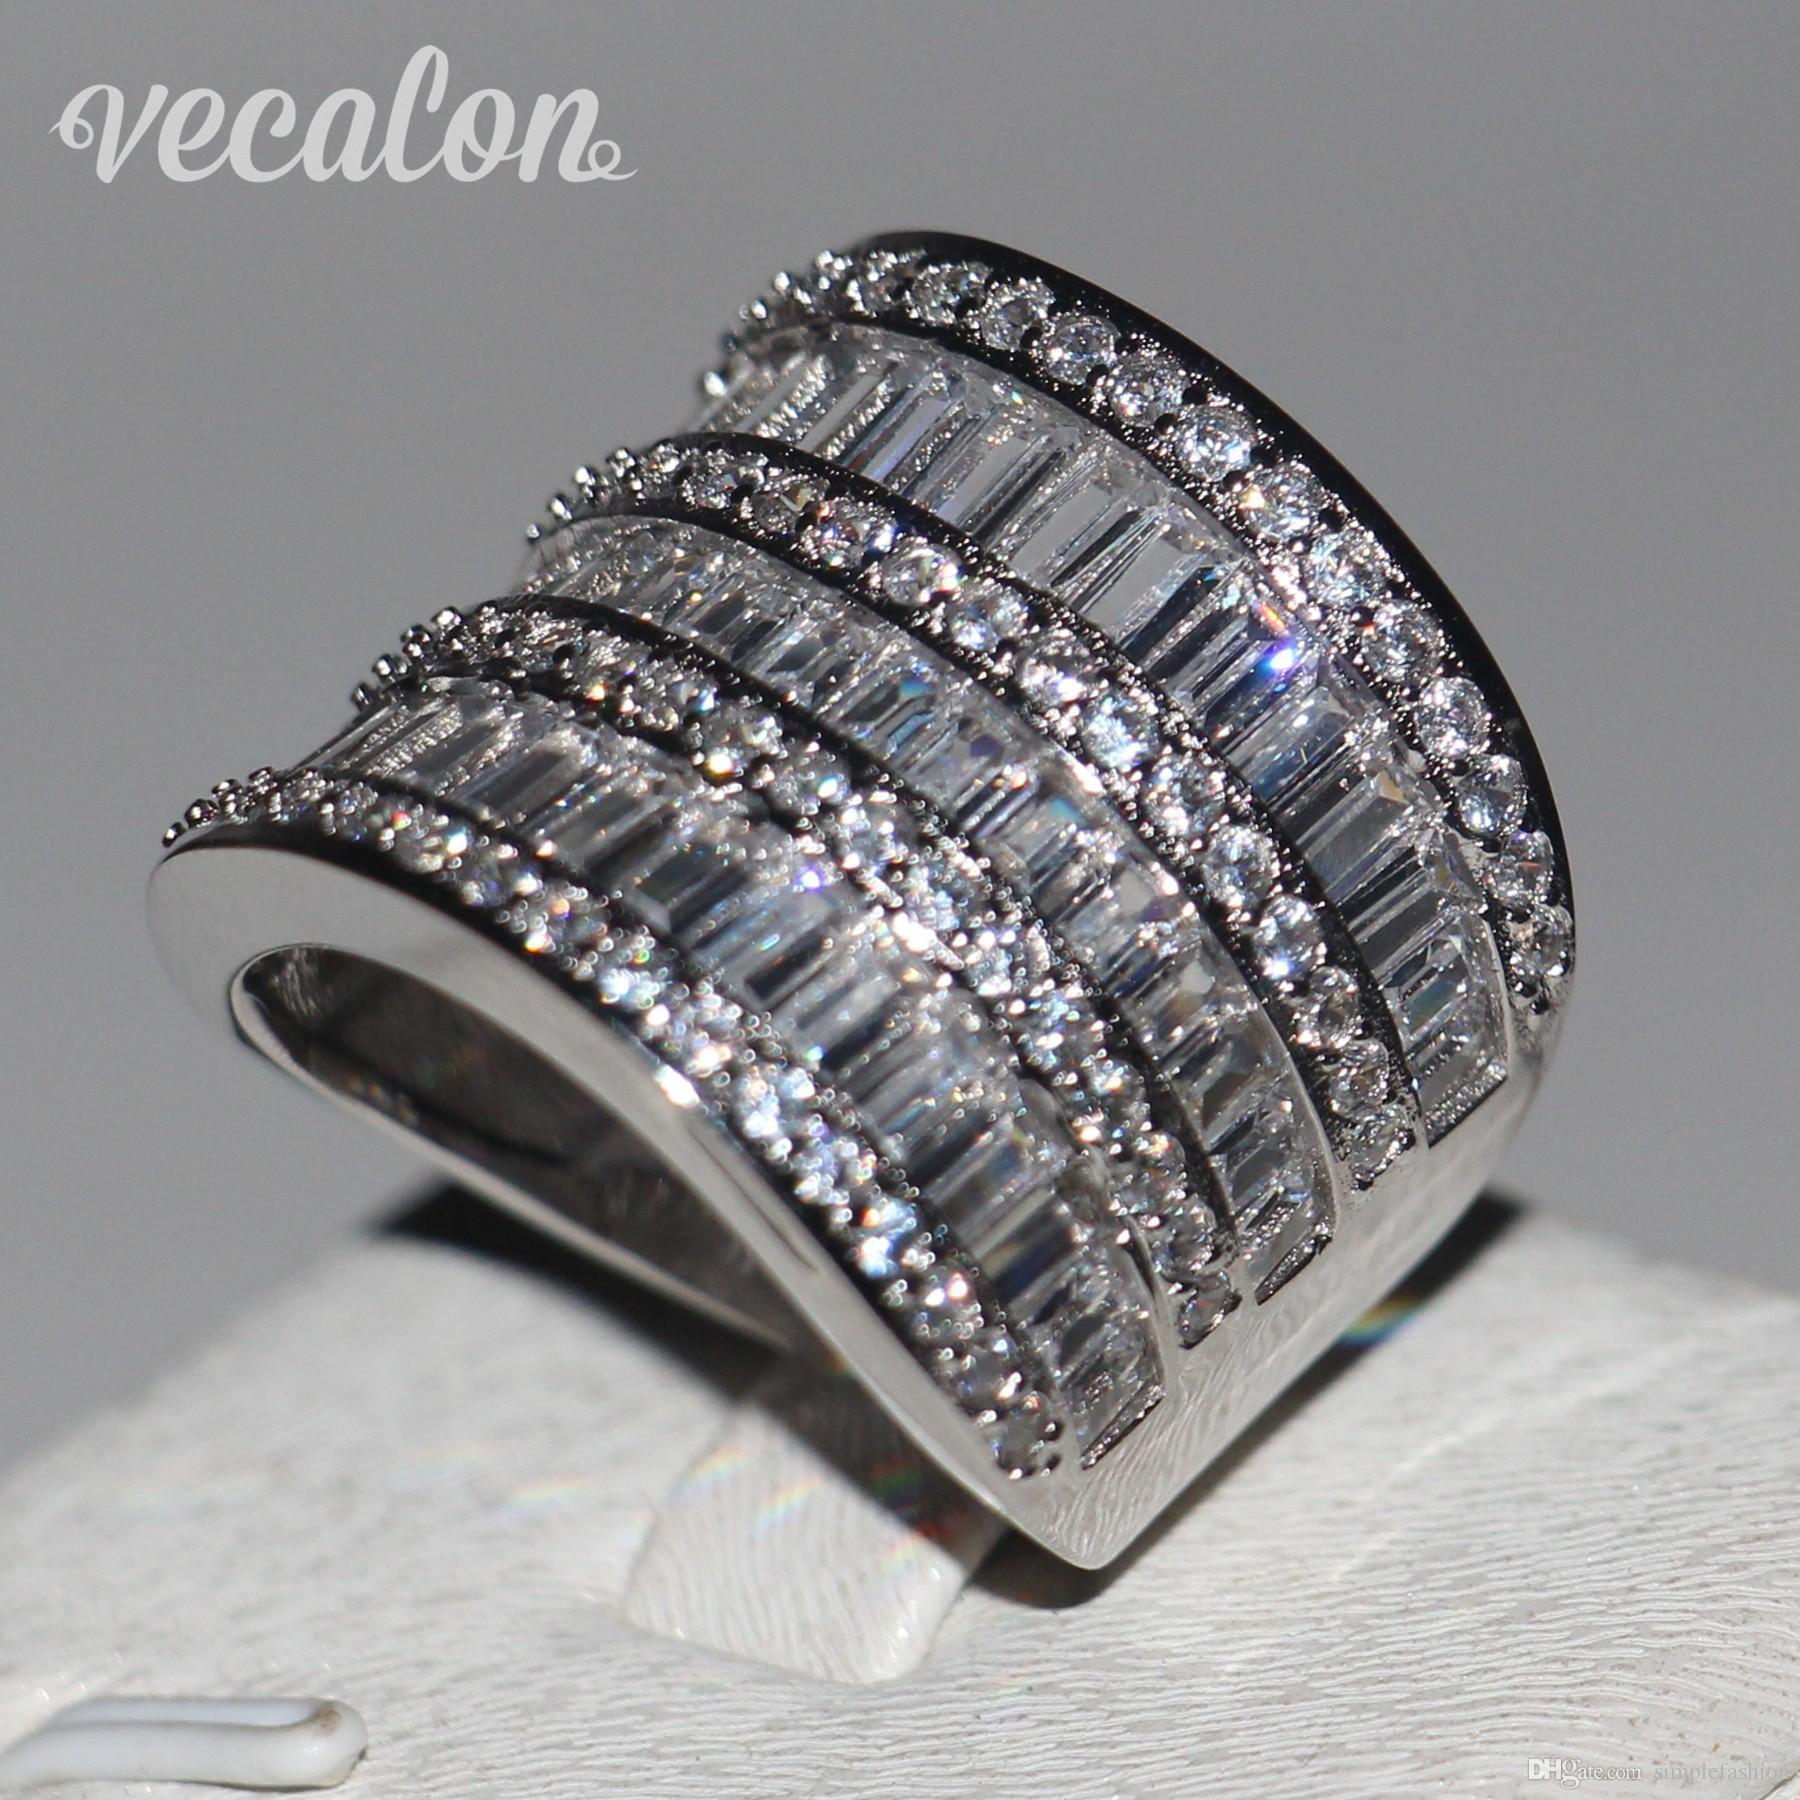 Vecalon Большое кольцо женщины ювелирные изделия полный принцесса вырезать имитация Алмаз Cz стерлингового серебра 925 обручальное кольцо обручальное кольцо для женщин